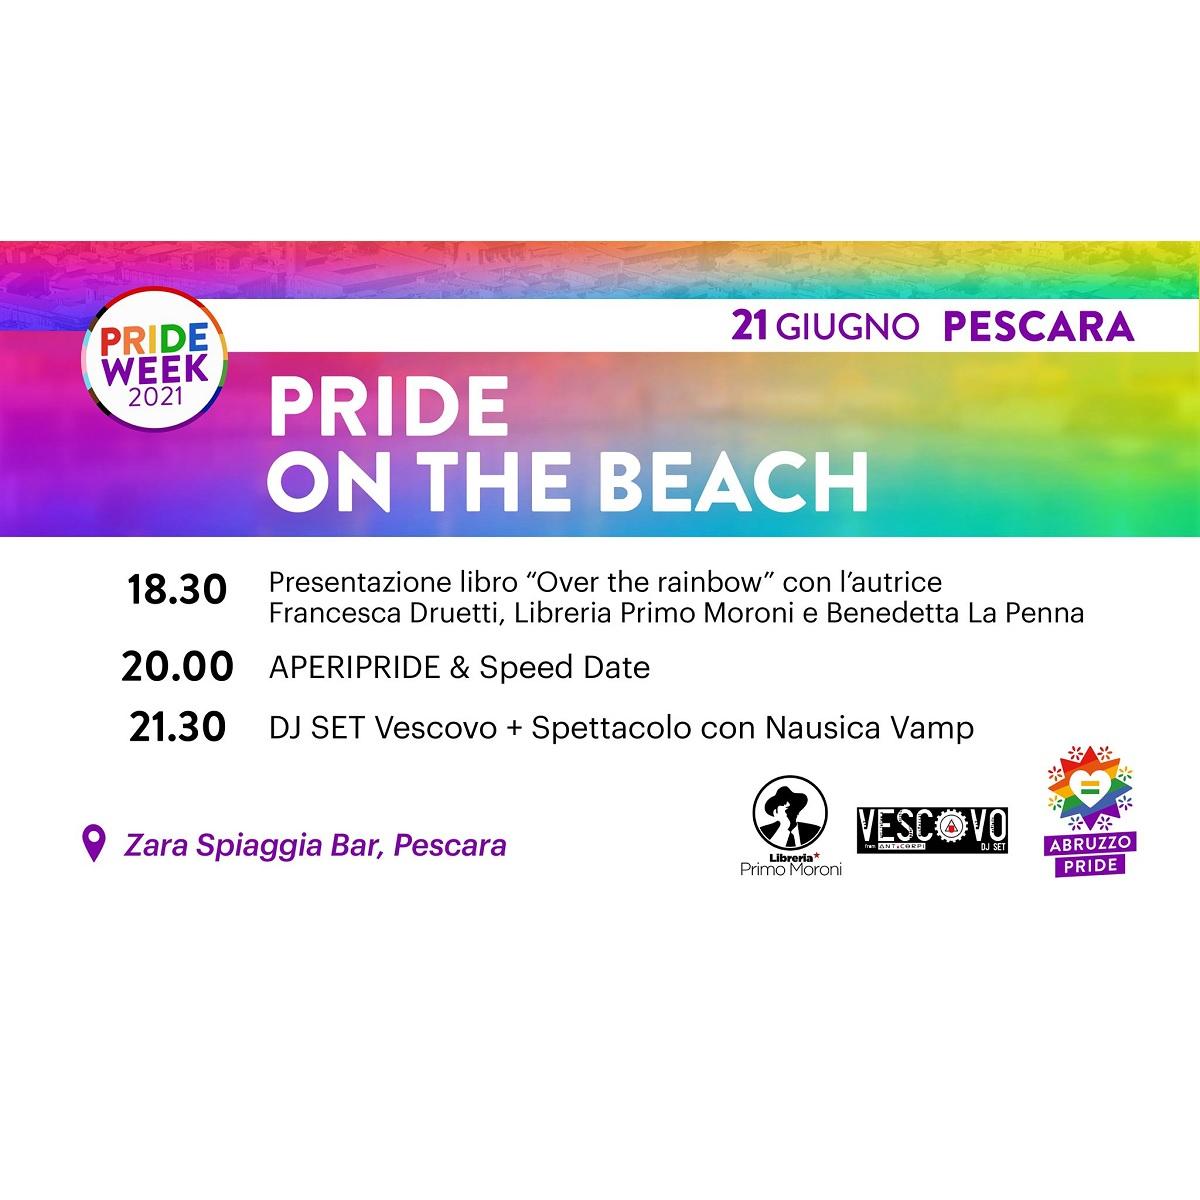 Pride on the beach - Pride Week 2021 a Pescara foto